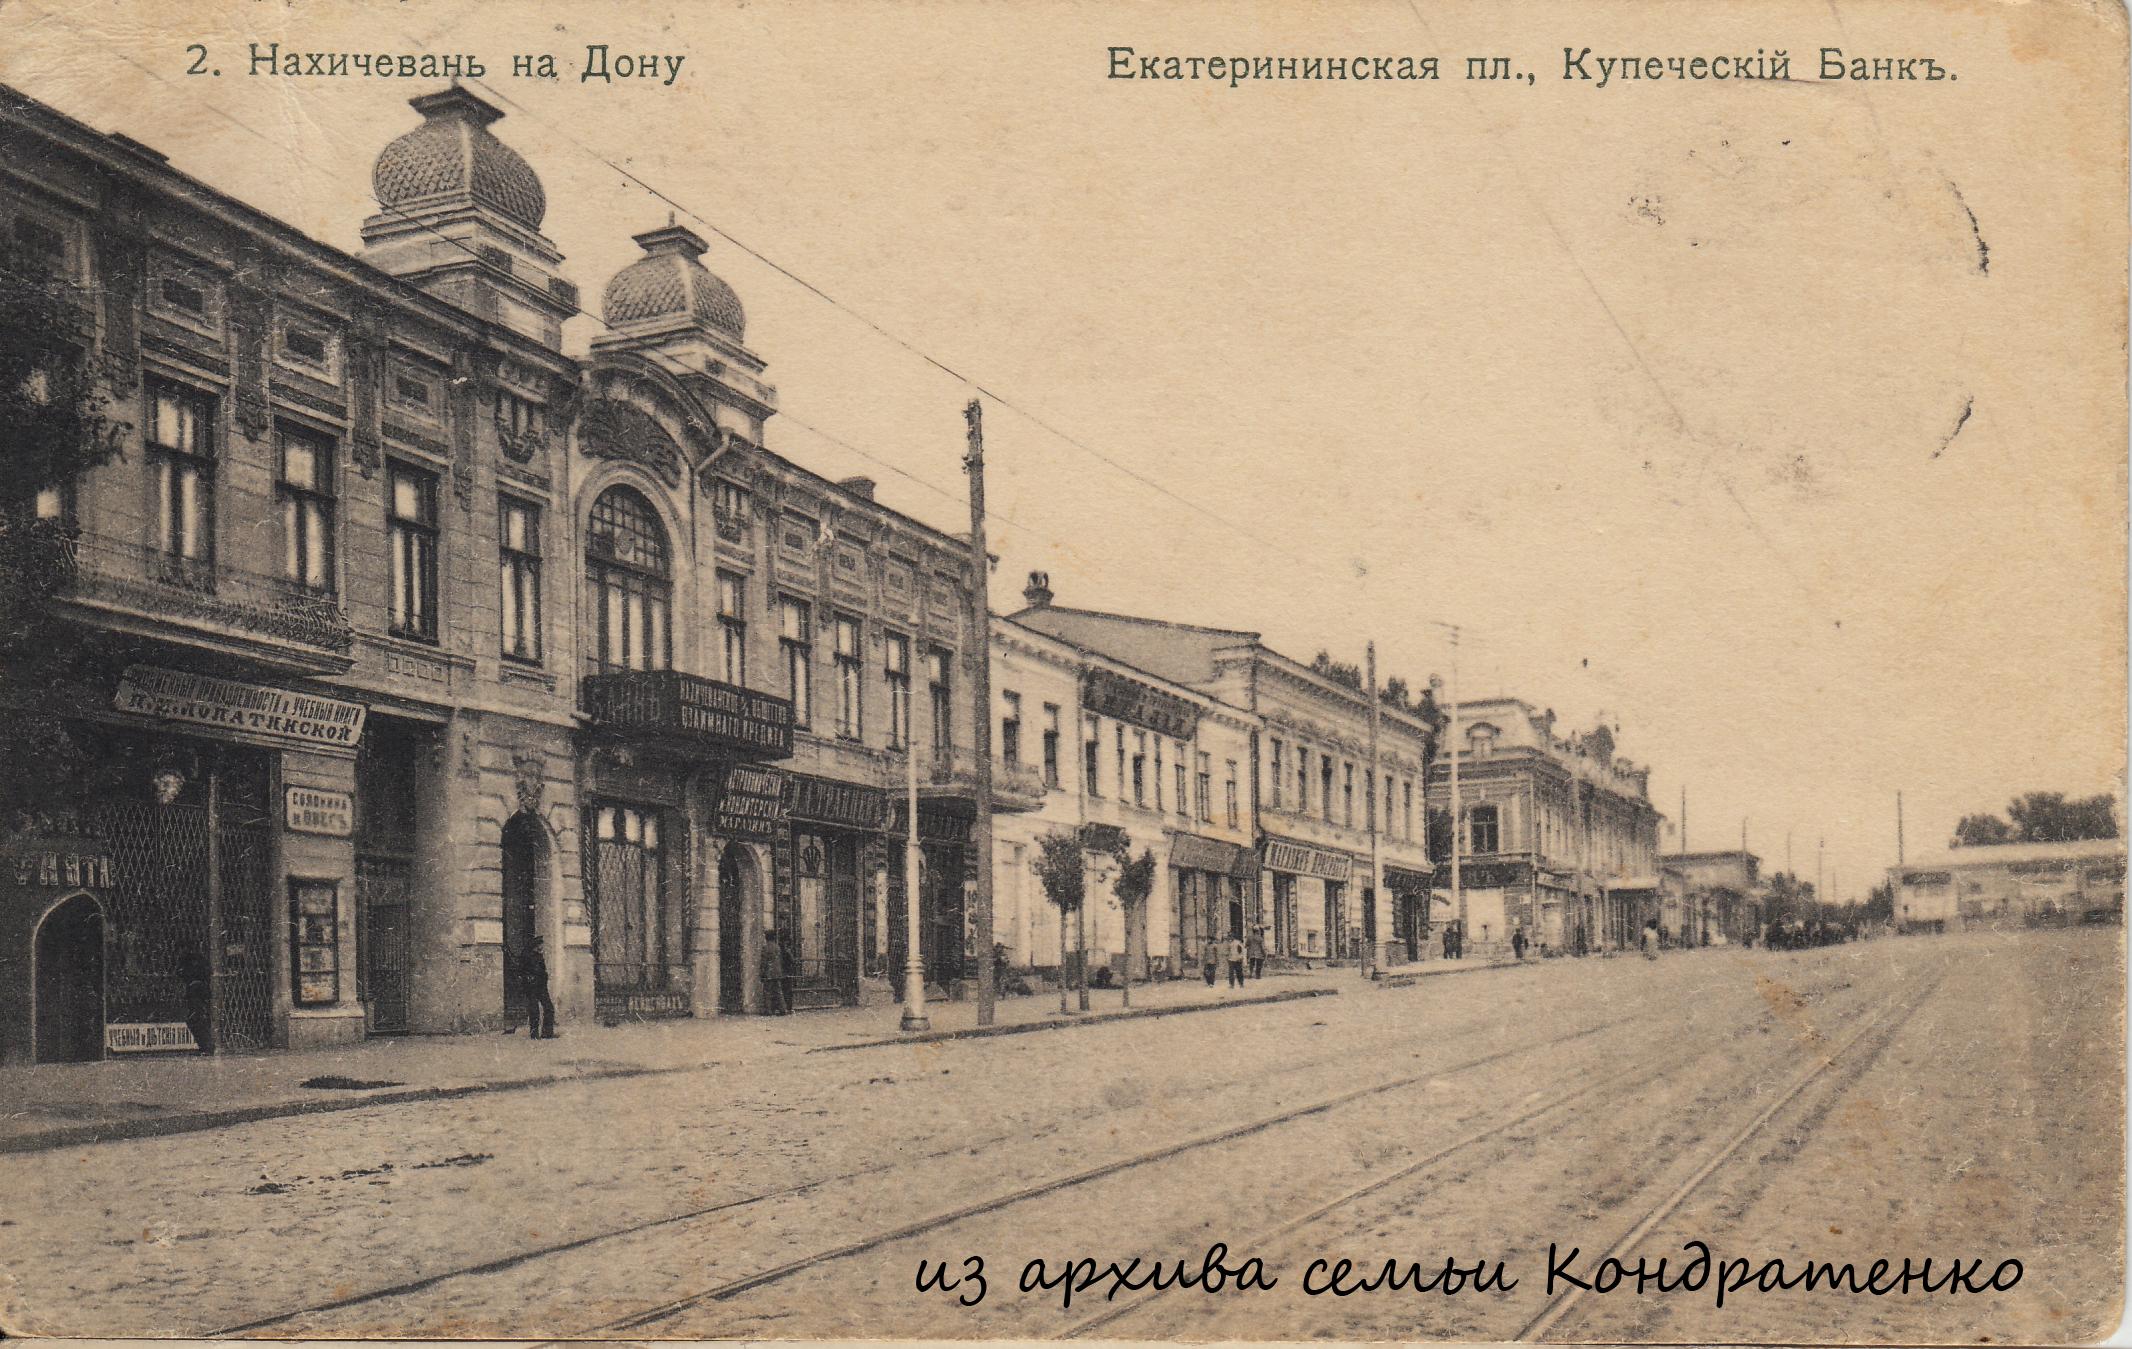 Екатерининская площадь. Купеческий банк